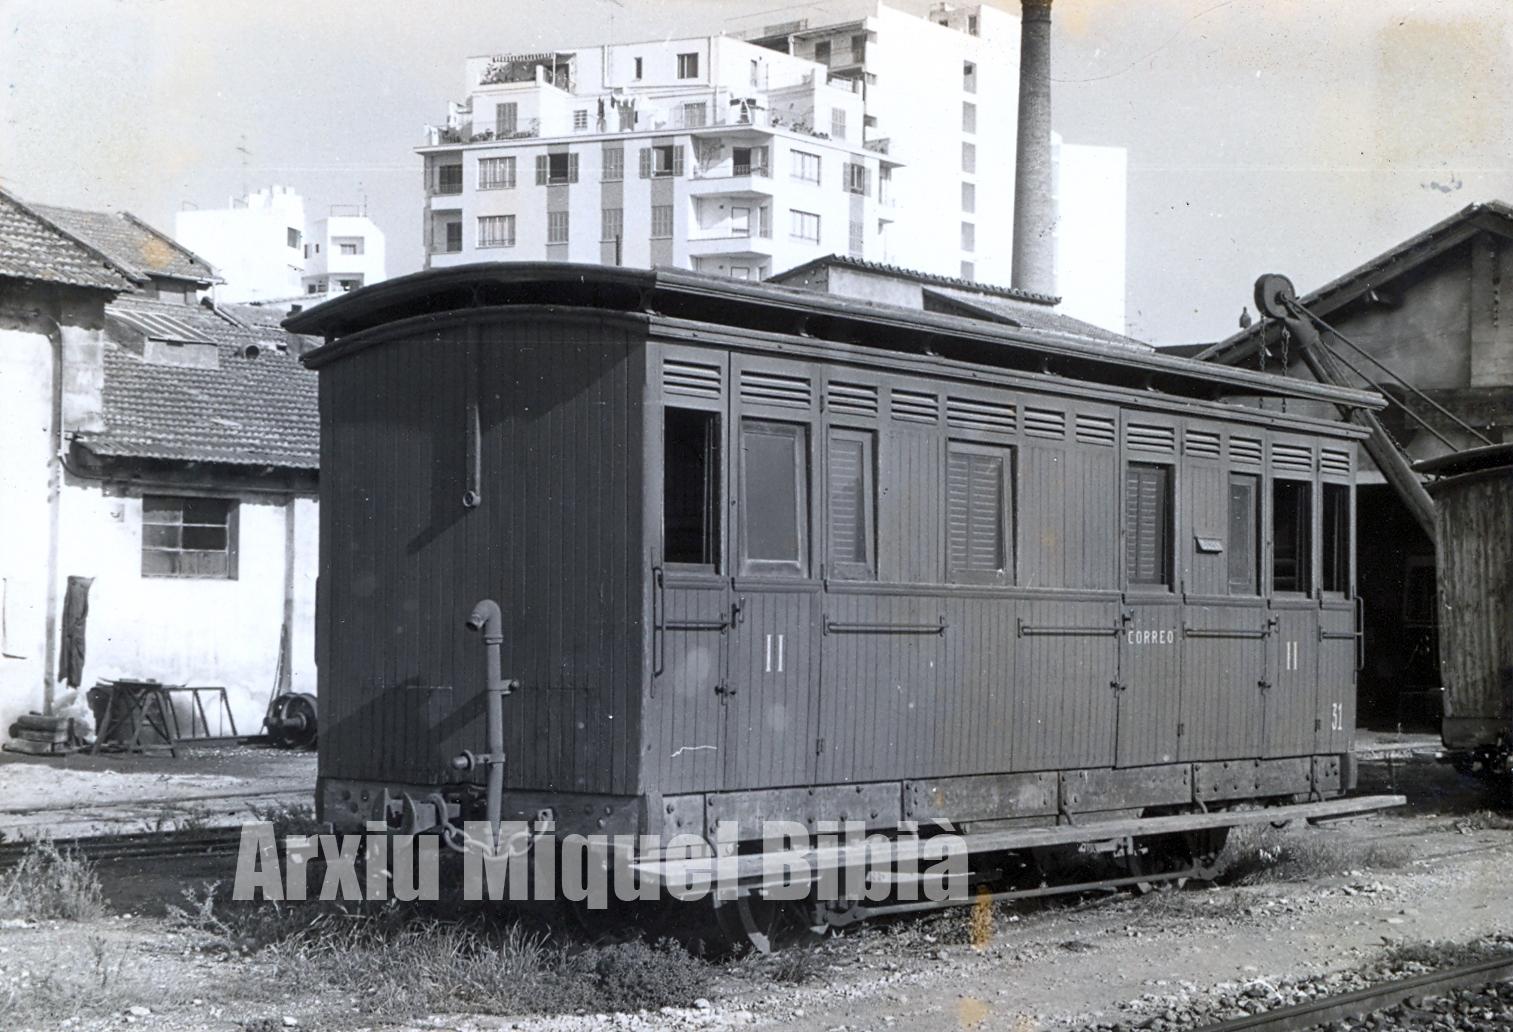 24.01.2020 Vagó mixte passatgers i correus.  Palma de Mallorca -  Miquel Bibià Laplana